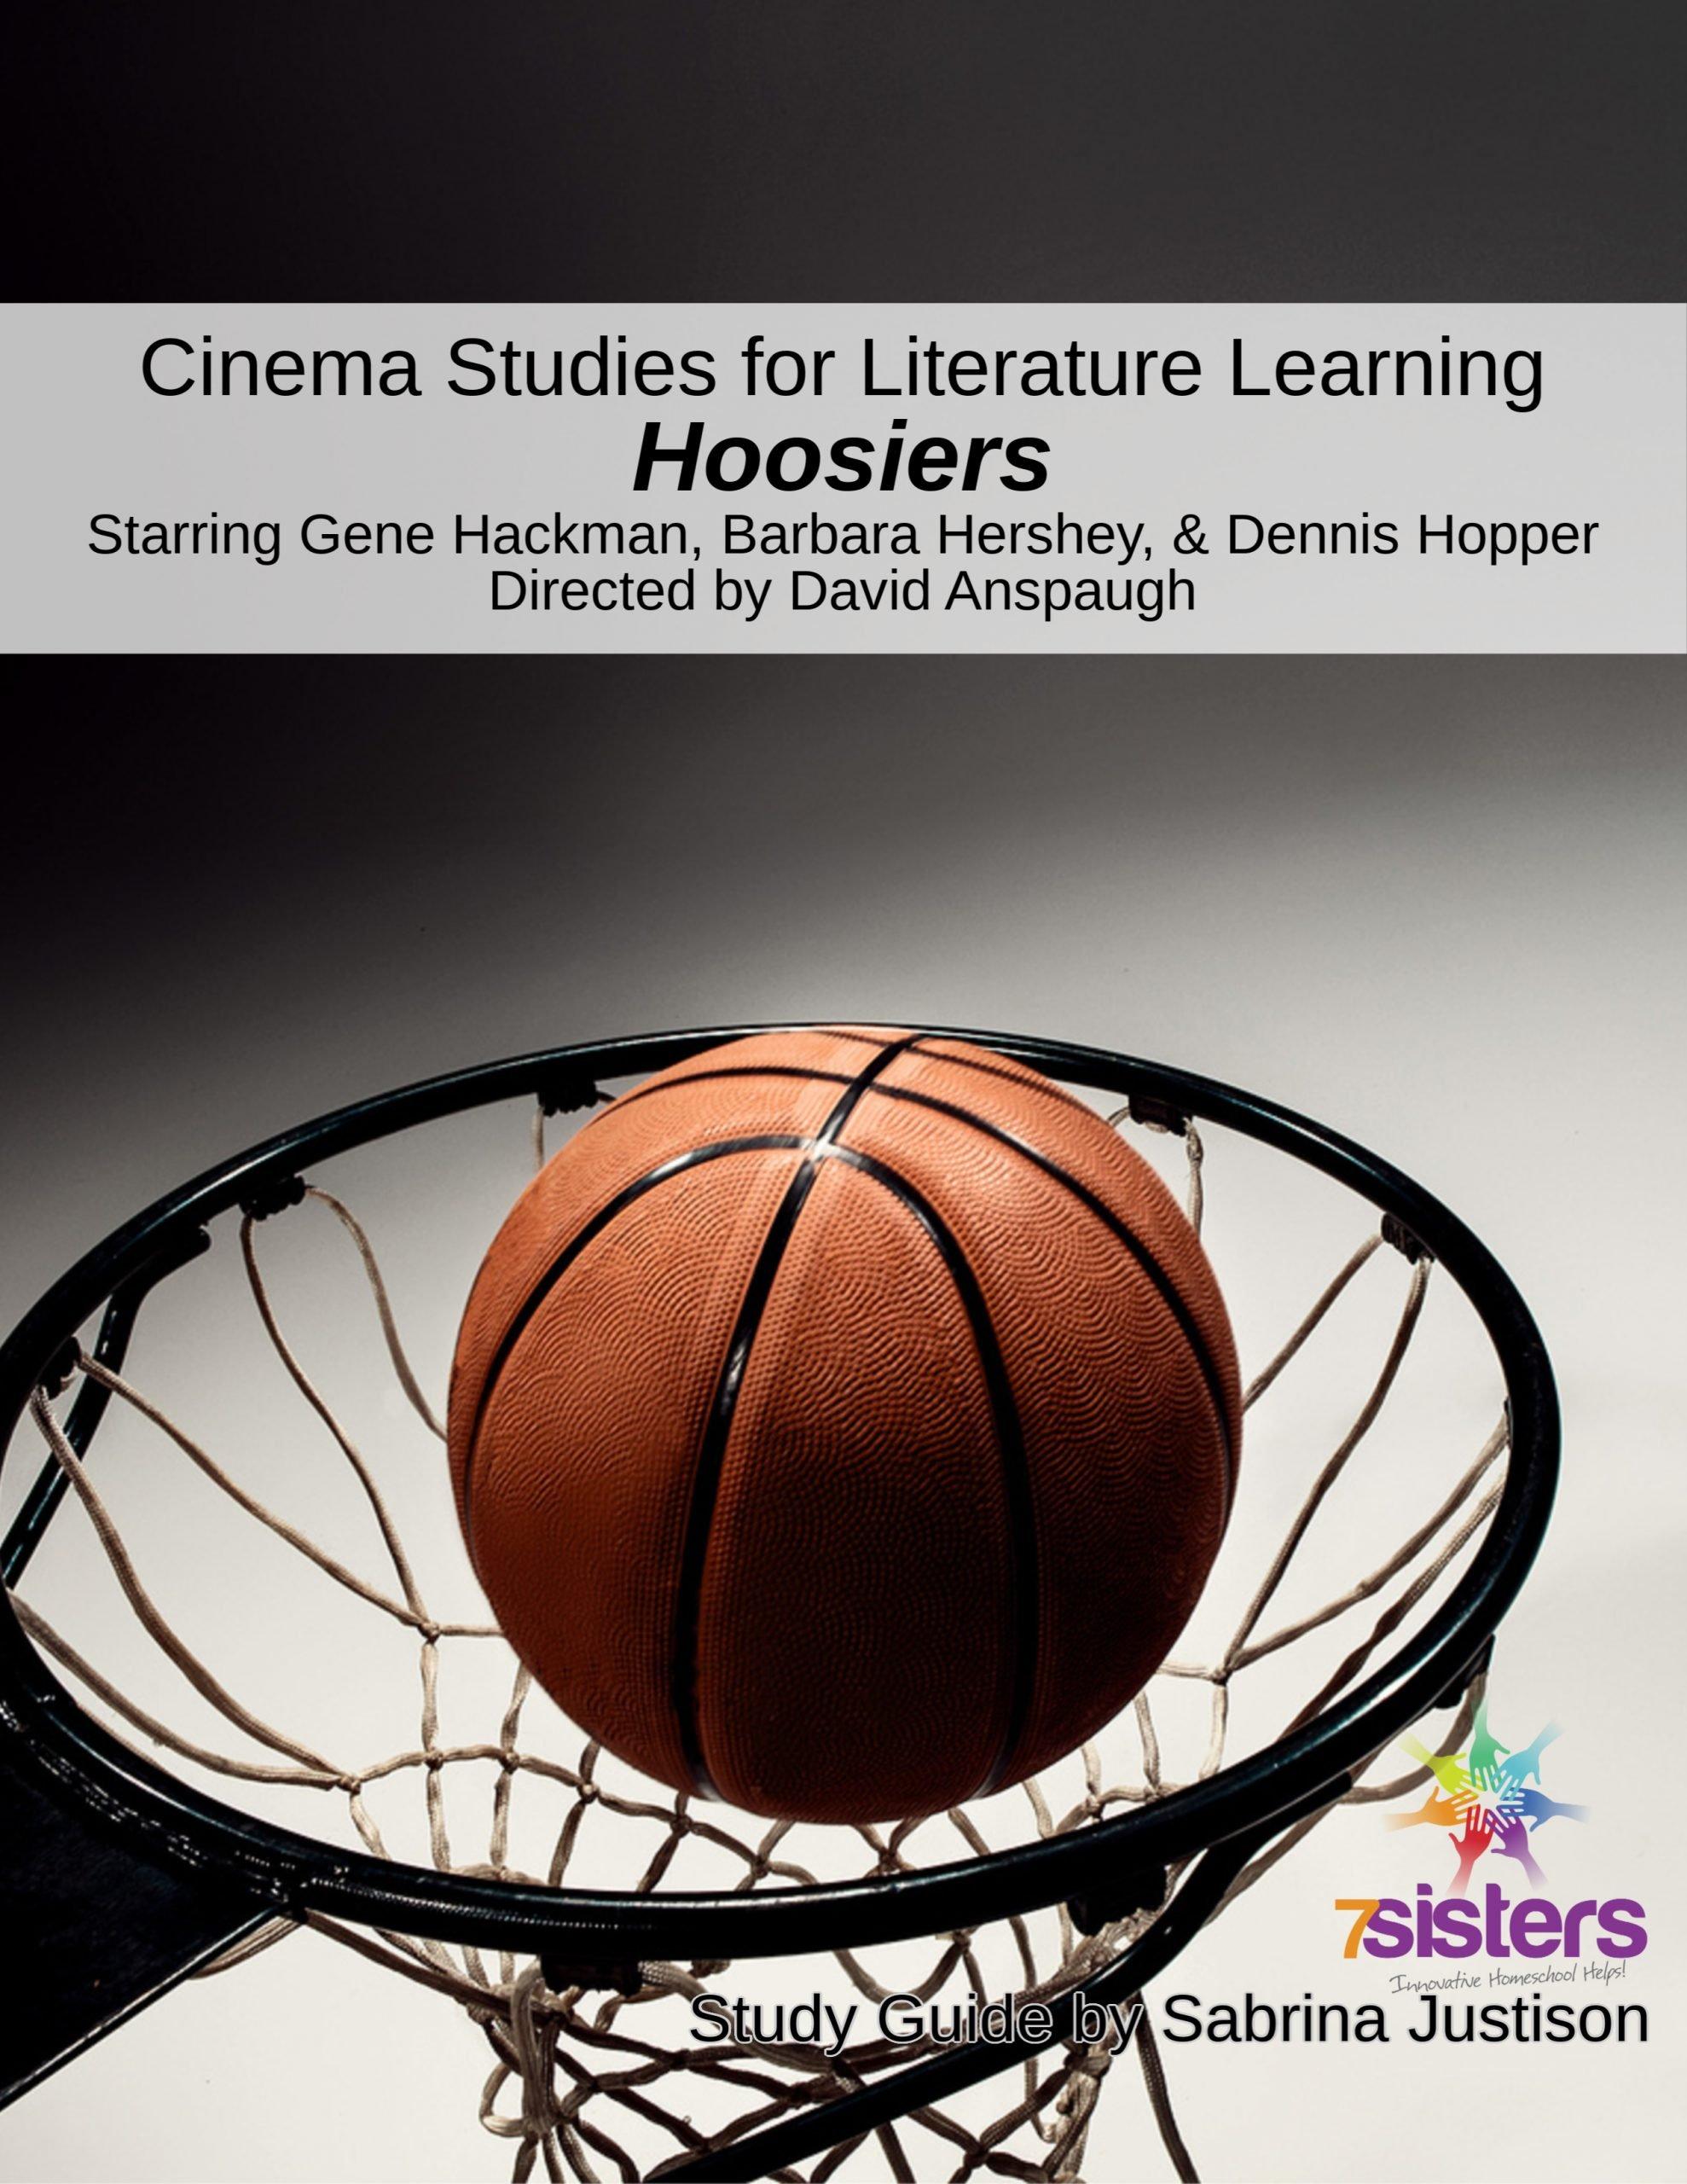 Cinema Study Guide Hoosiers